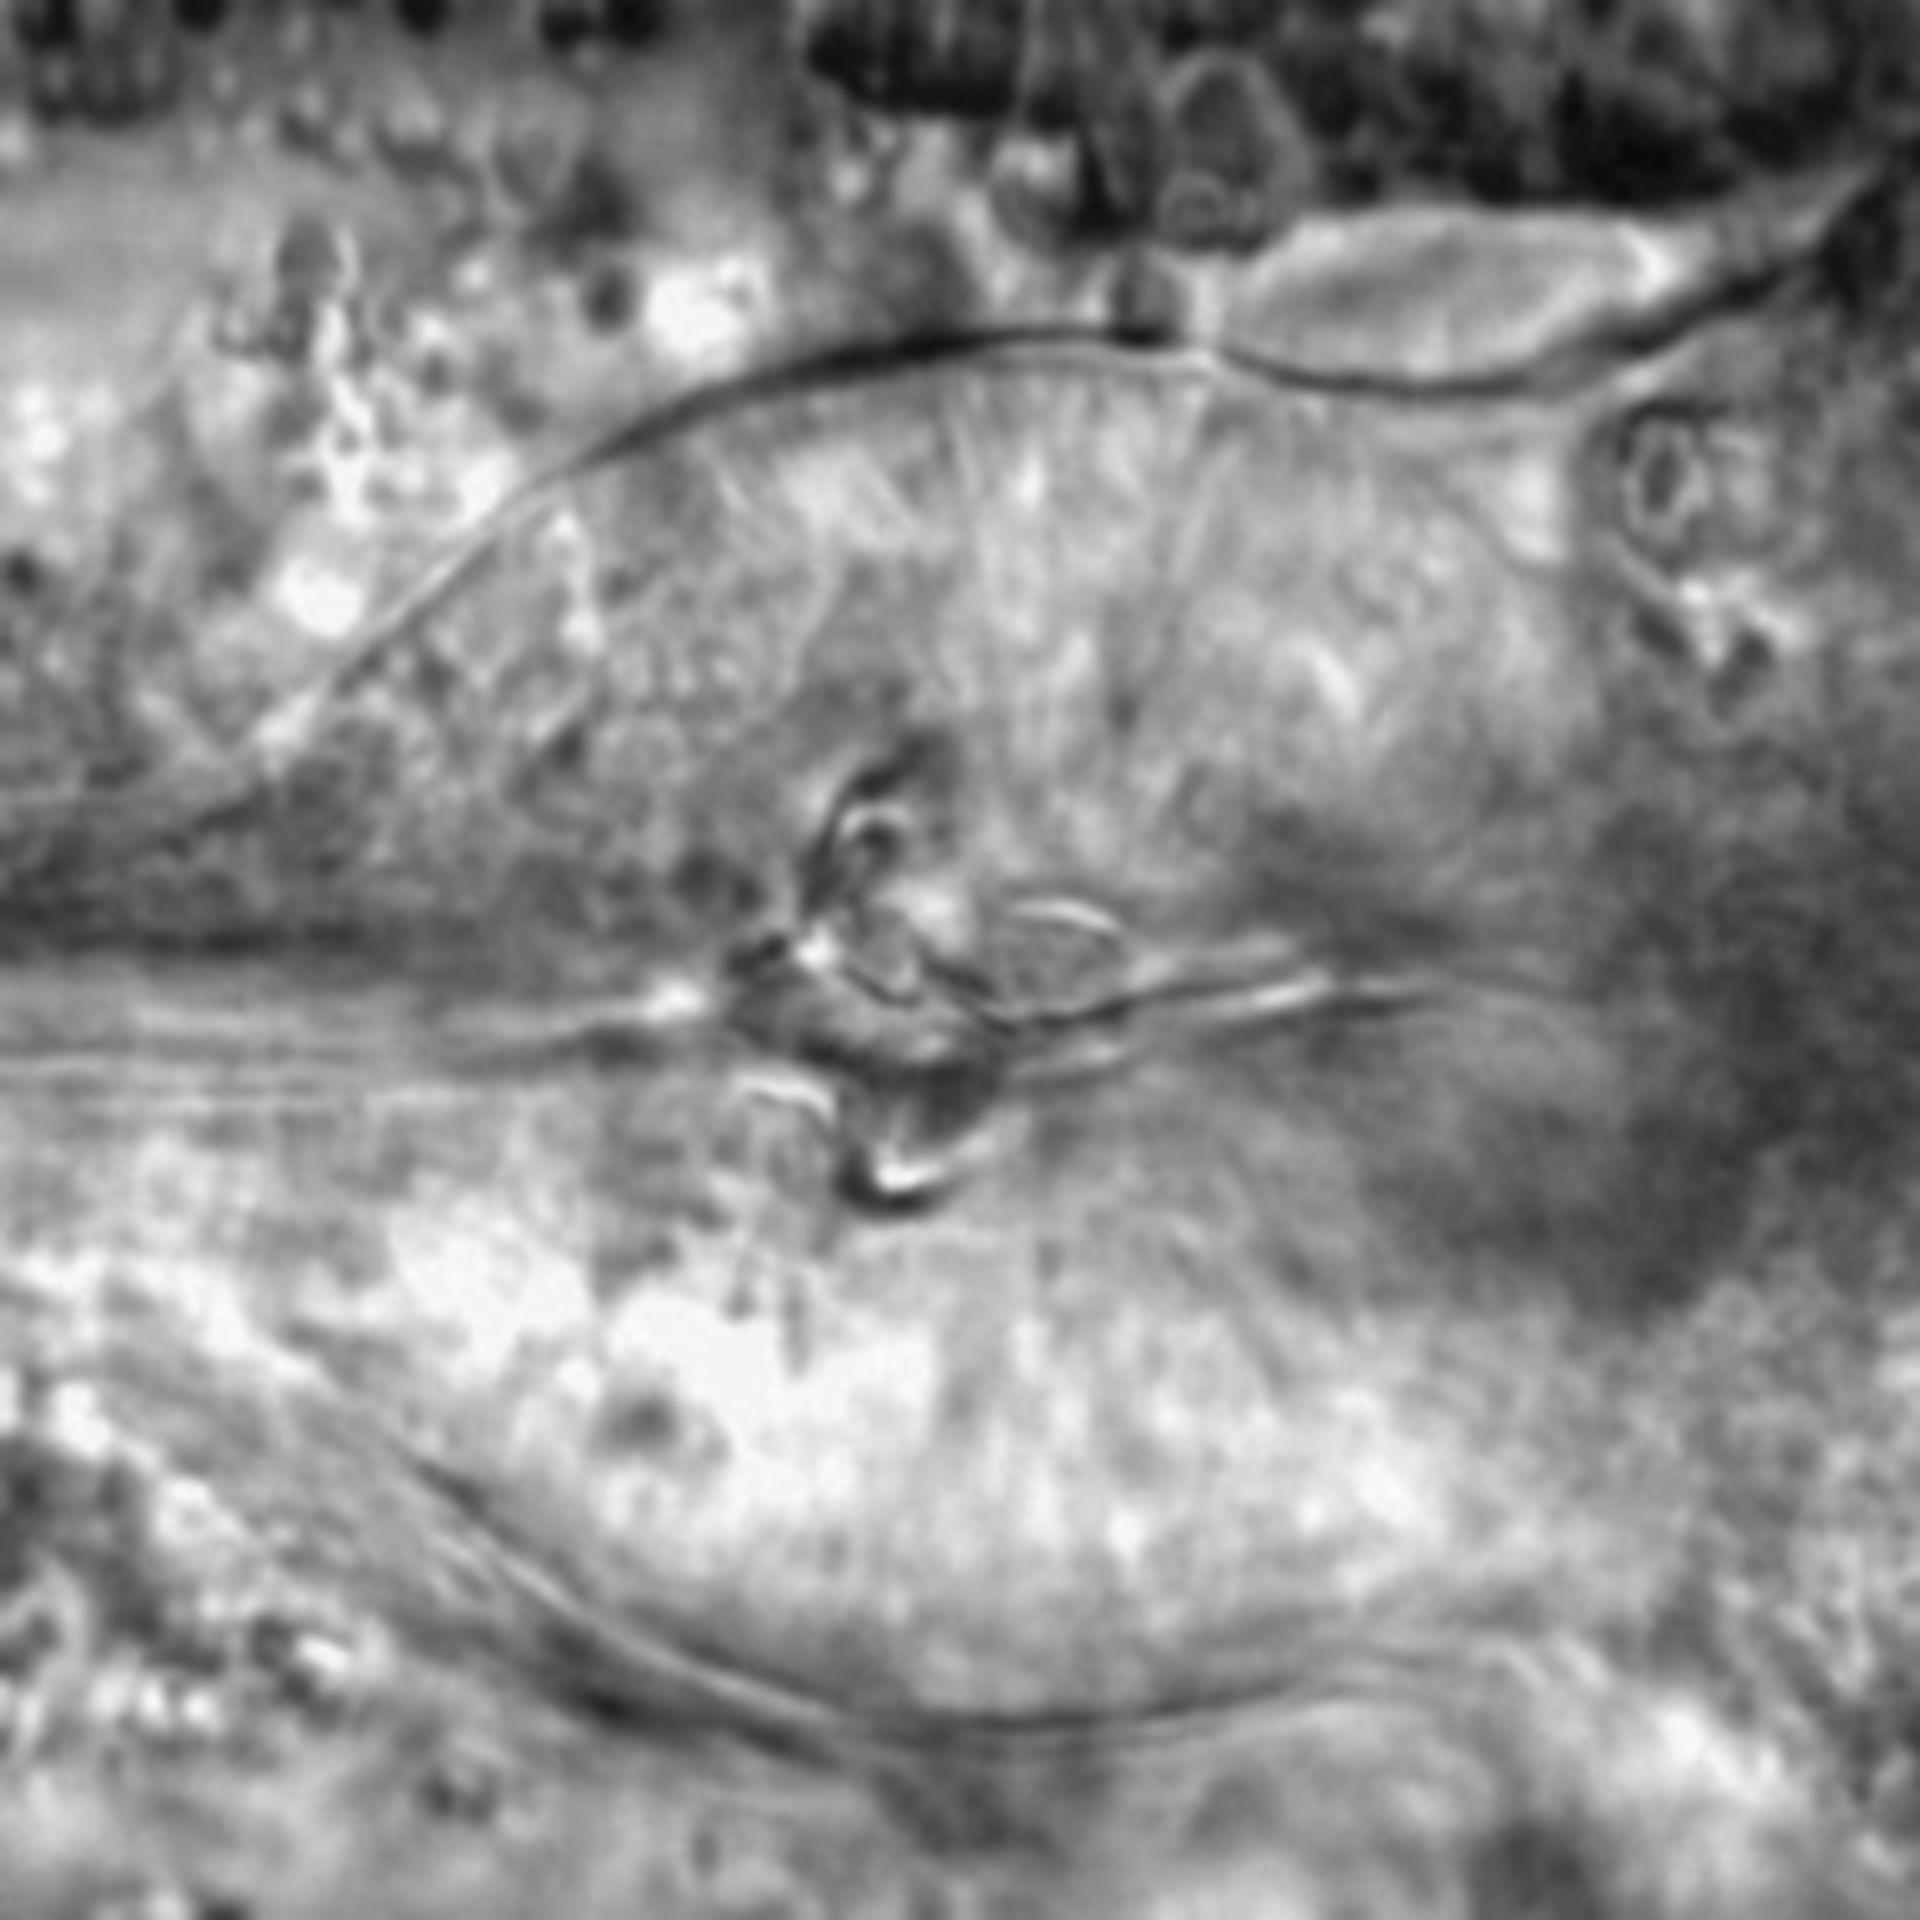 Caenorhabditis elegans - CIL:1767